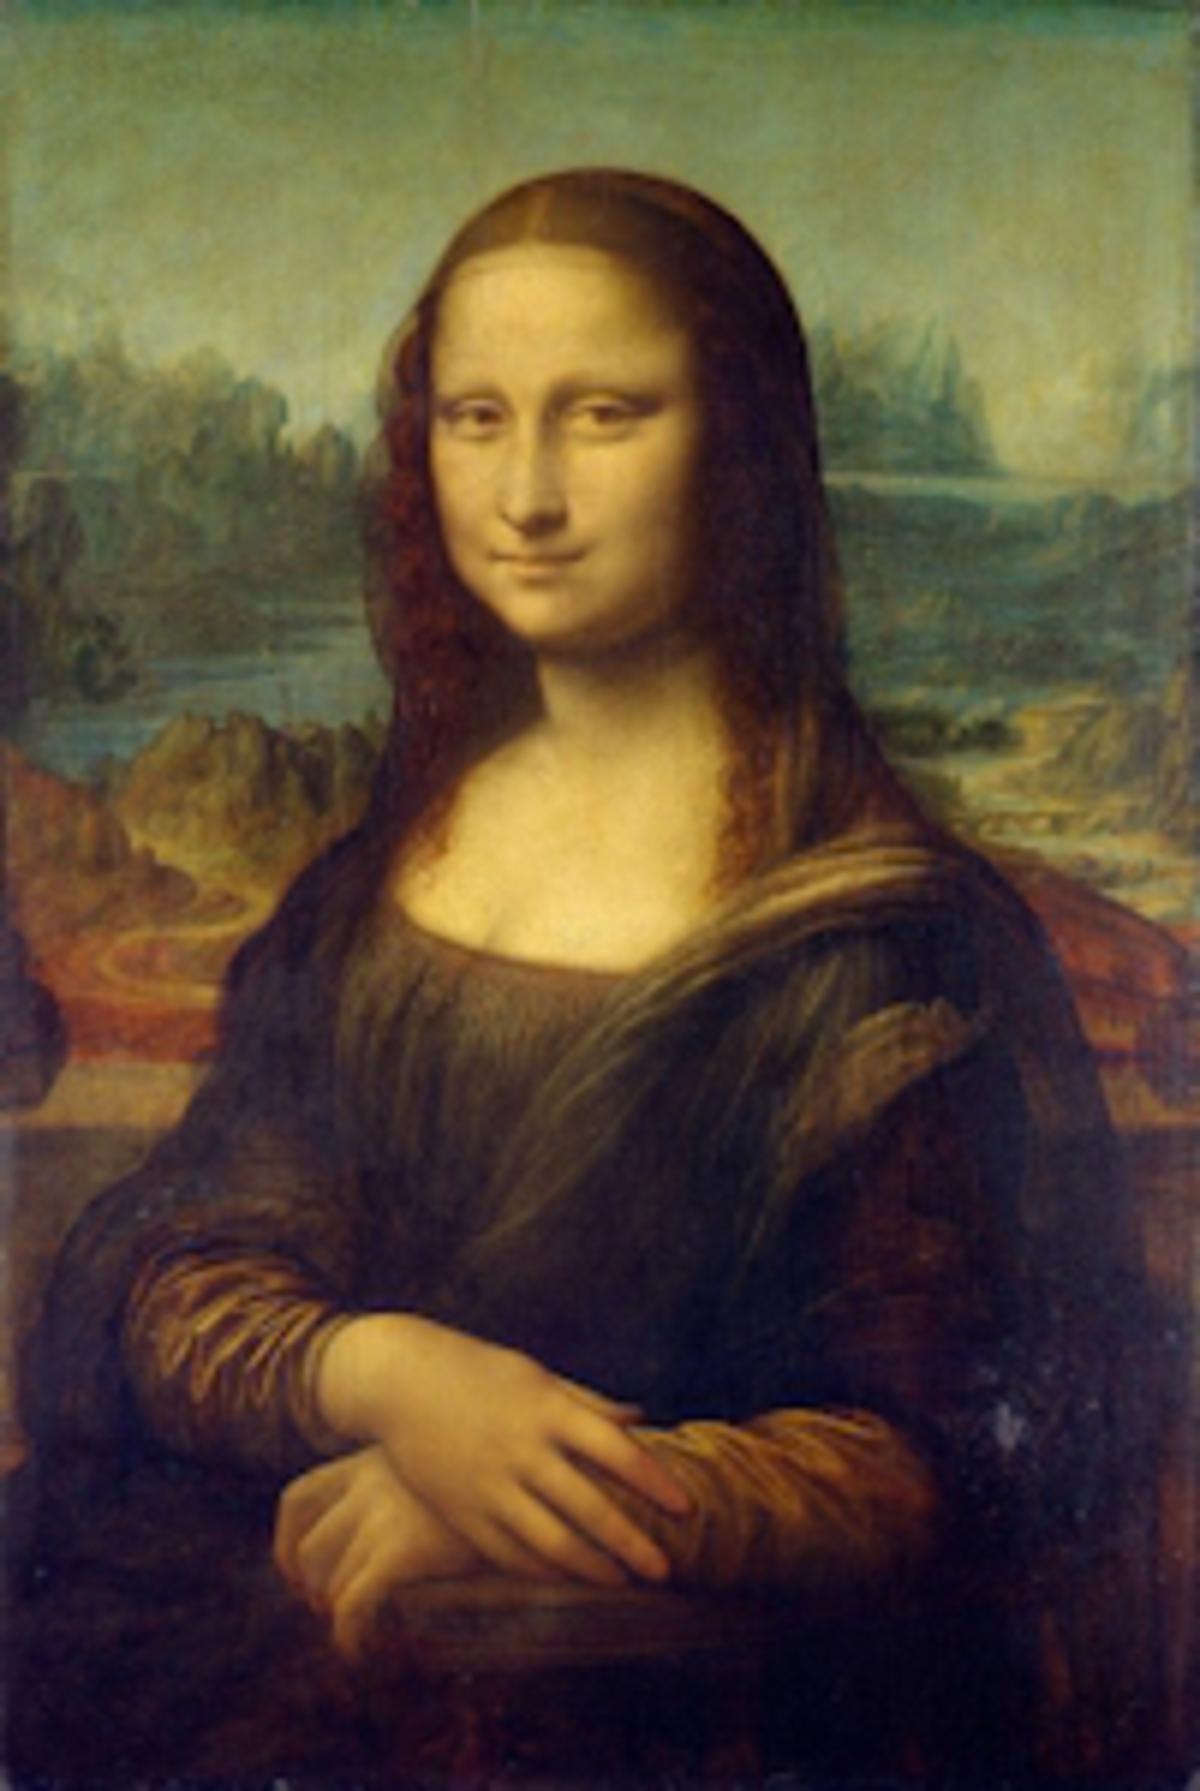 Mona Lisa and her times